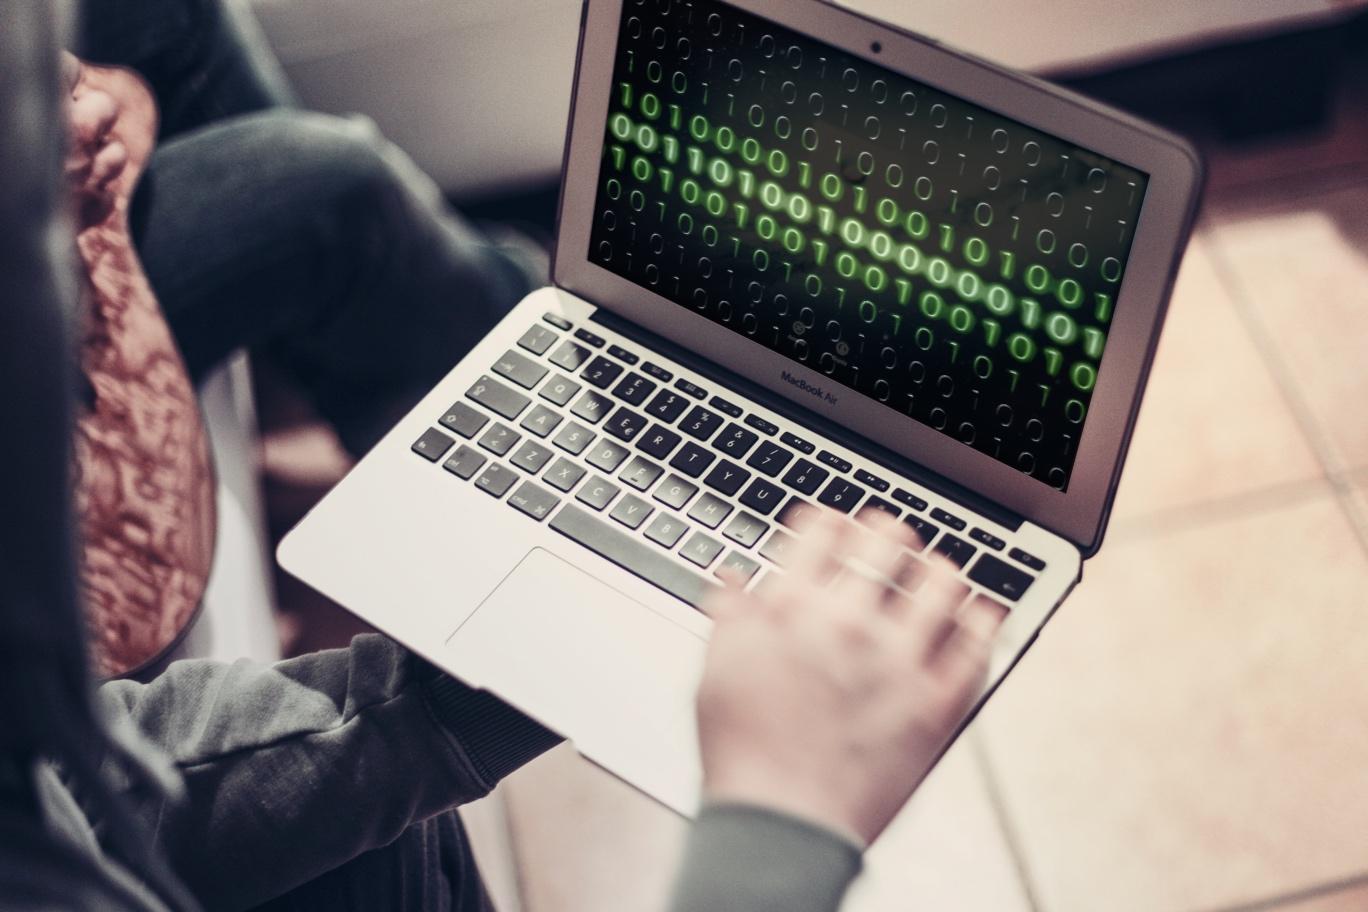 Płatności przez Internet? Poznaj 7 nowych zasad bezpieczeństwa